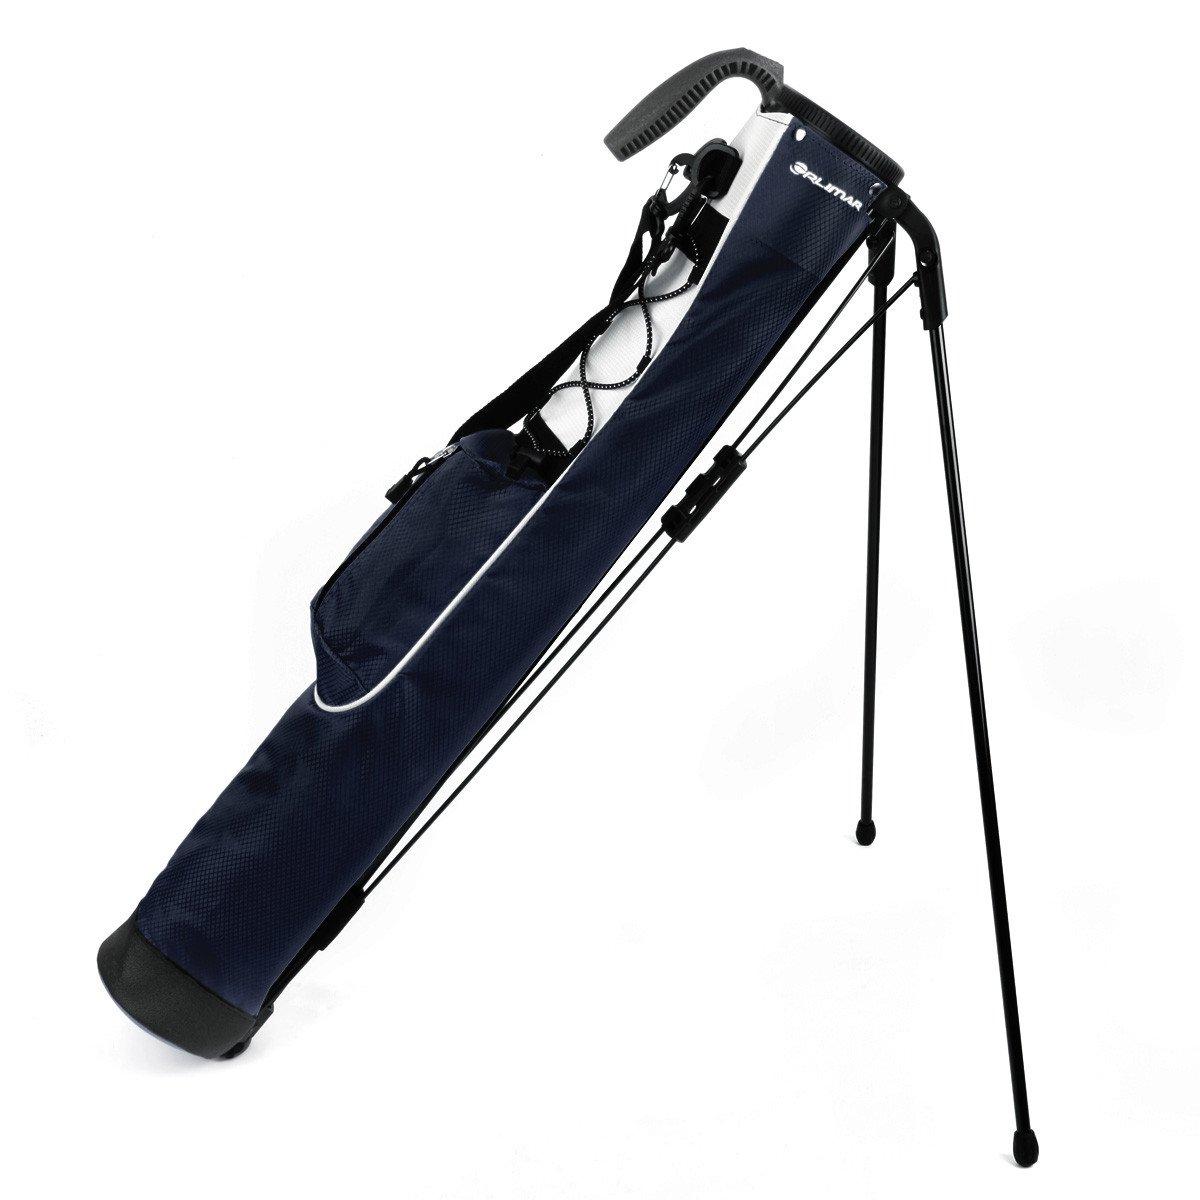 Orlimar Pitch & Putt Golf Lightweight Stand Carry Bag, Midnight Blue